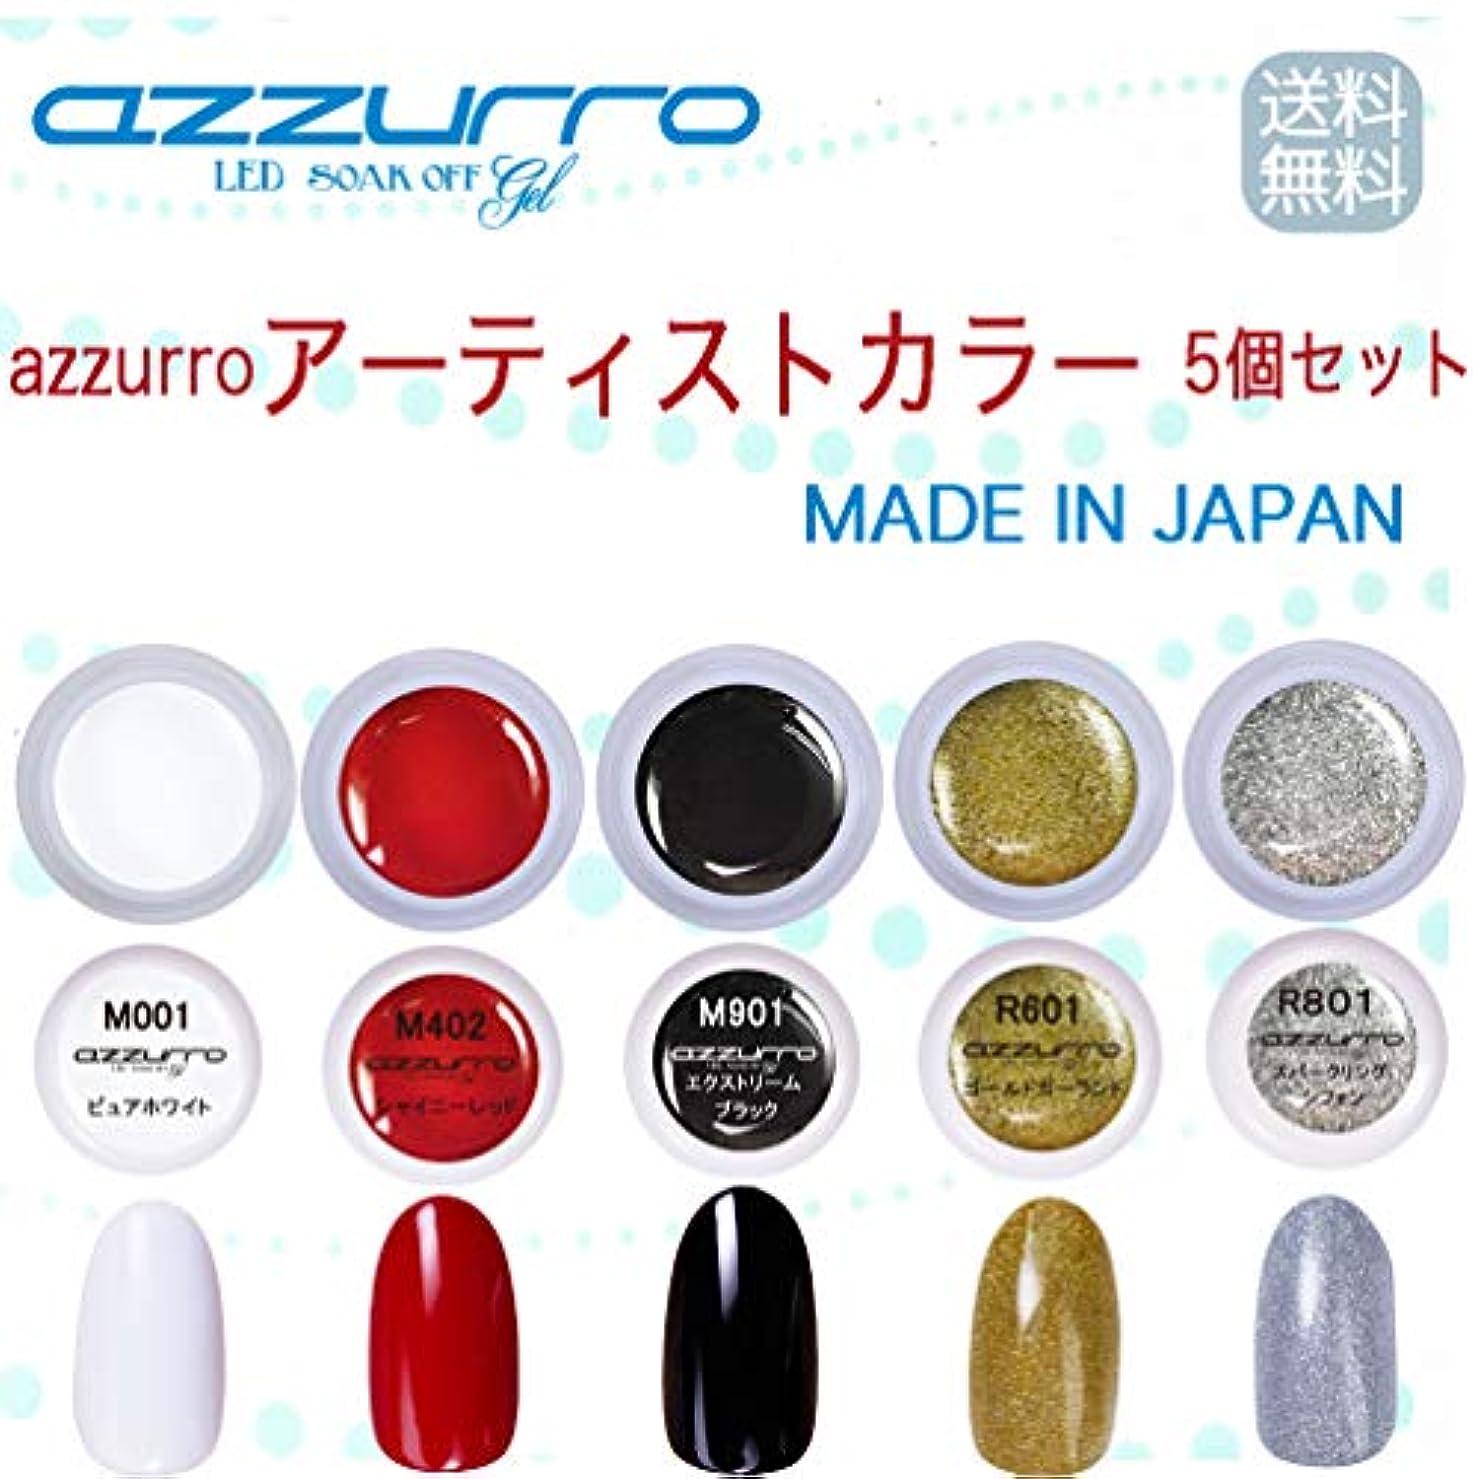 伝導関連付ける石膏【送料無料】日本製 azzurro gel アーティストカラージェル5個セット トレンドのラインアートにもピッタリなカラー